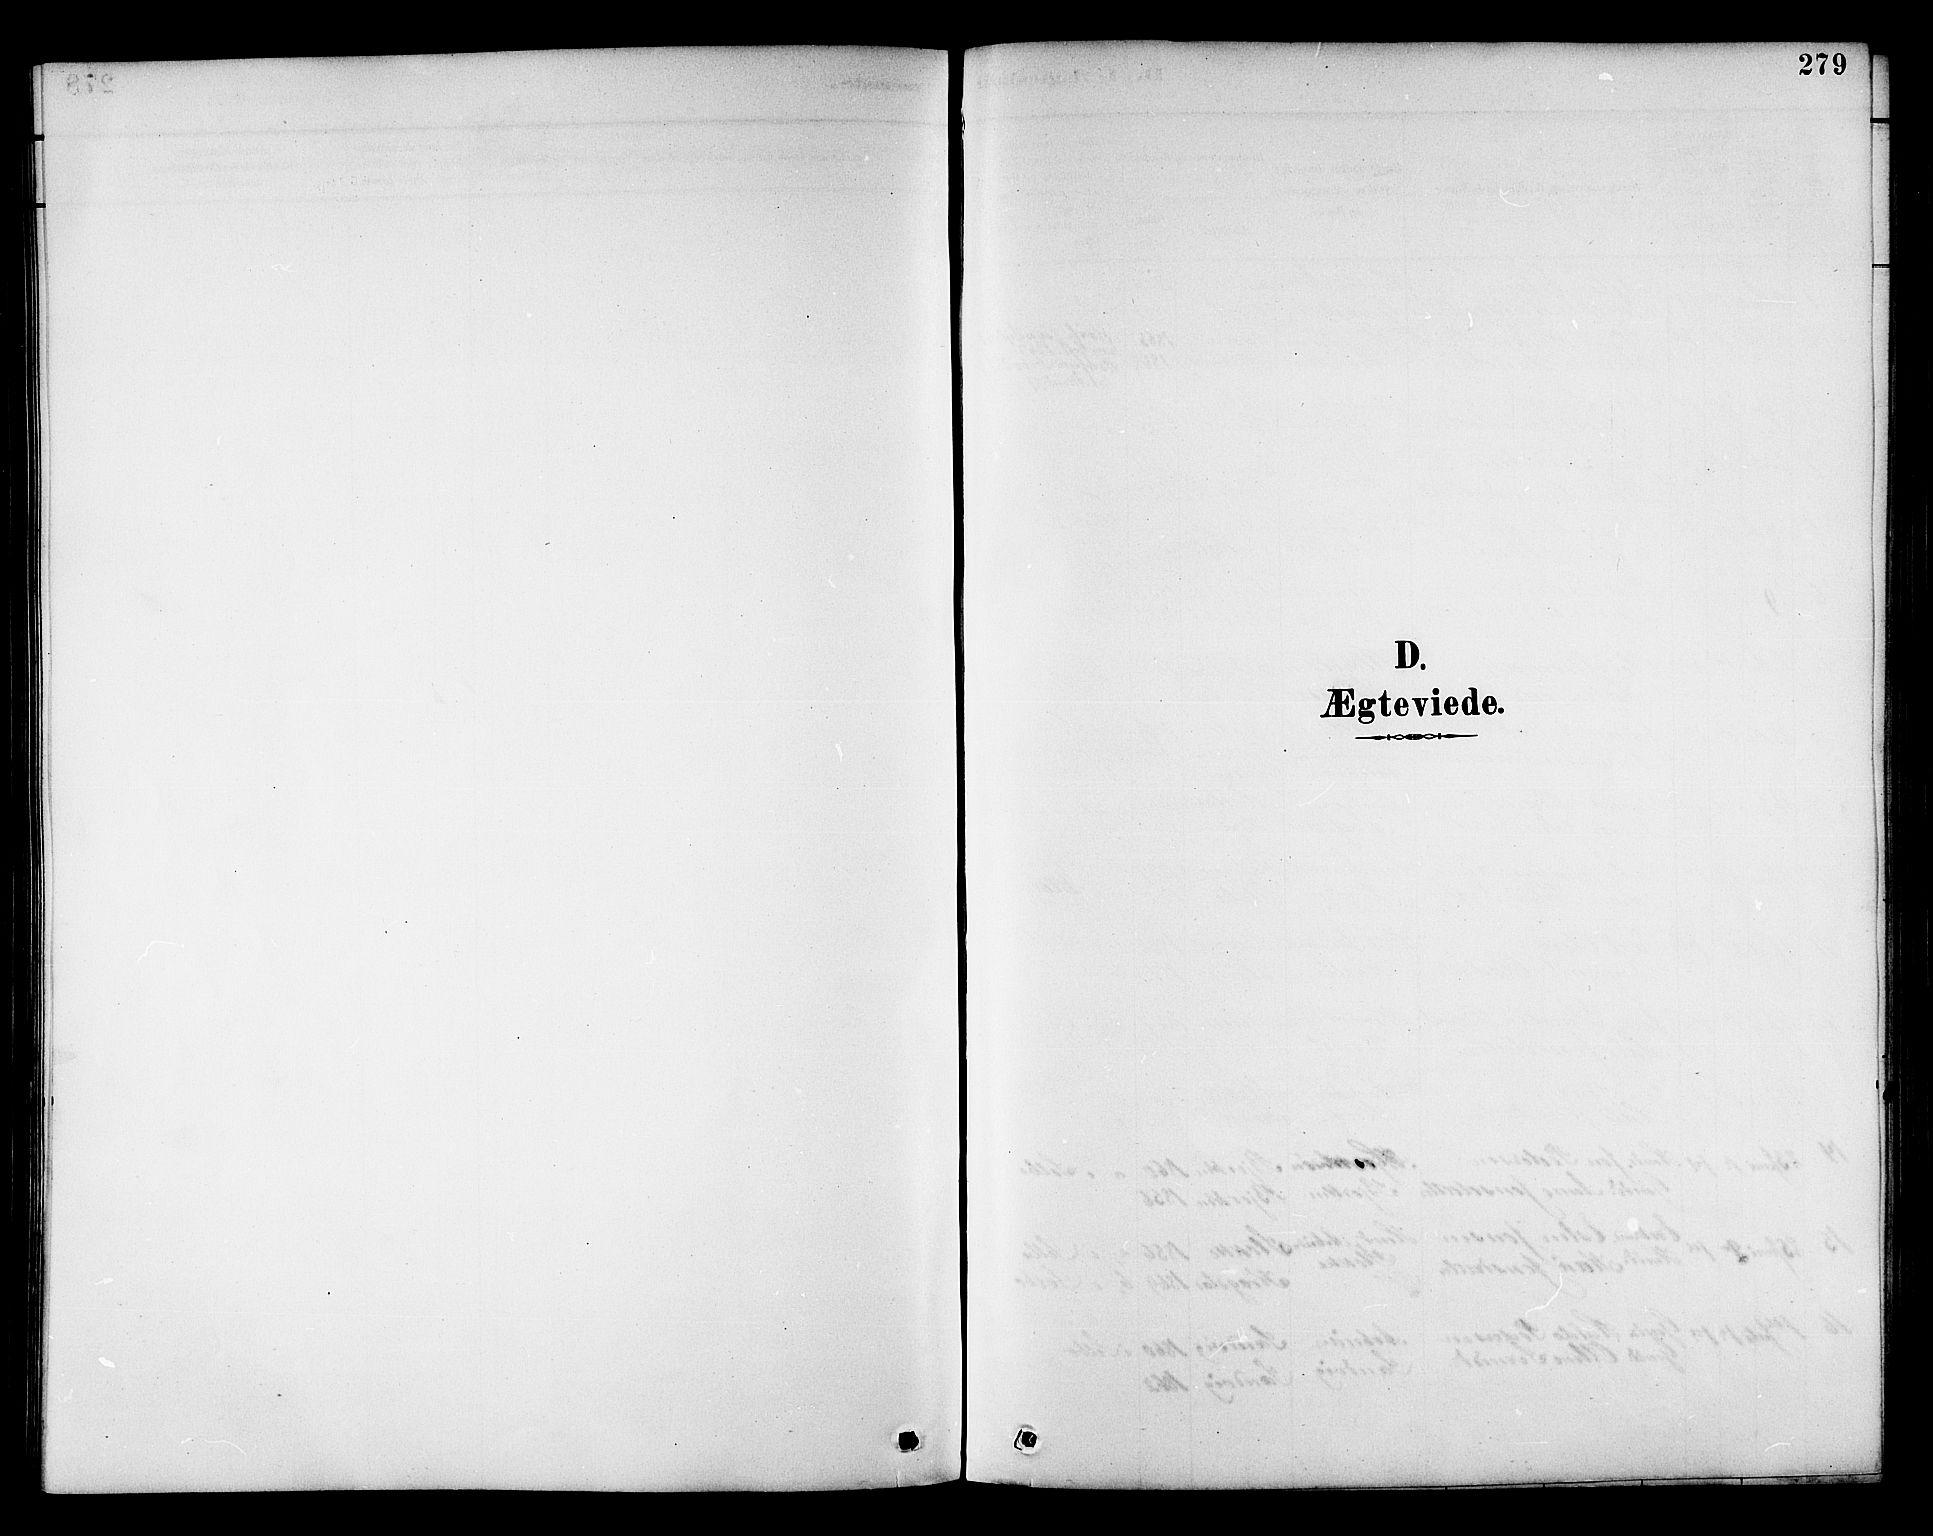 SAT, Ministerialprotokoller, klokkerbøker og fødselsregistre - Sør-Trøndelag, 695/L1157: Klokkerbok nr. 695C08, 1889-1913, s. 279